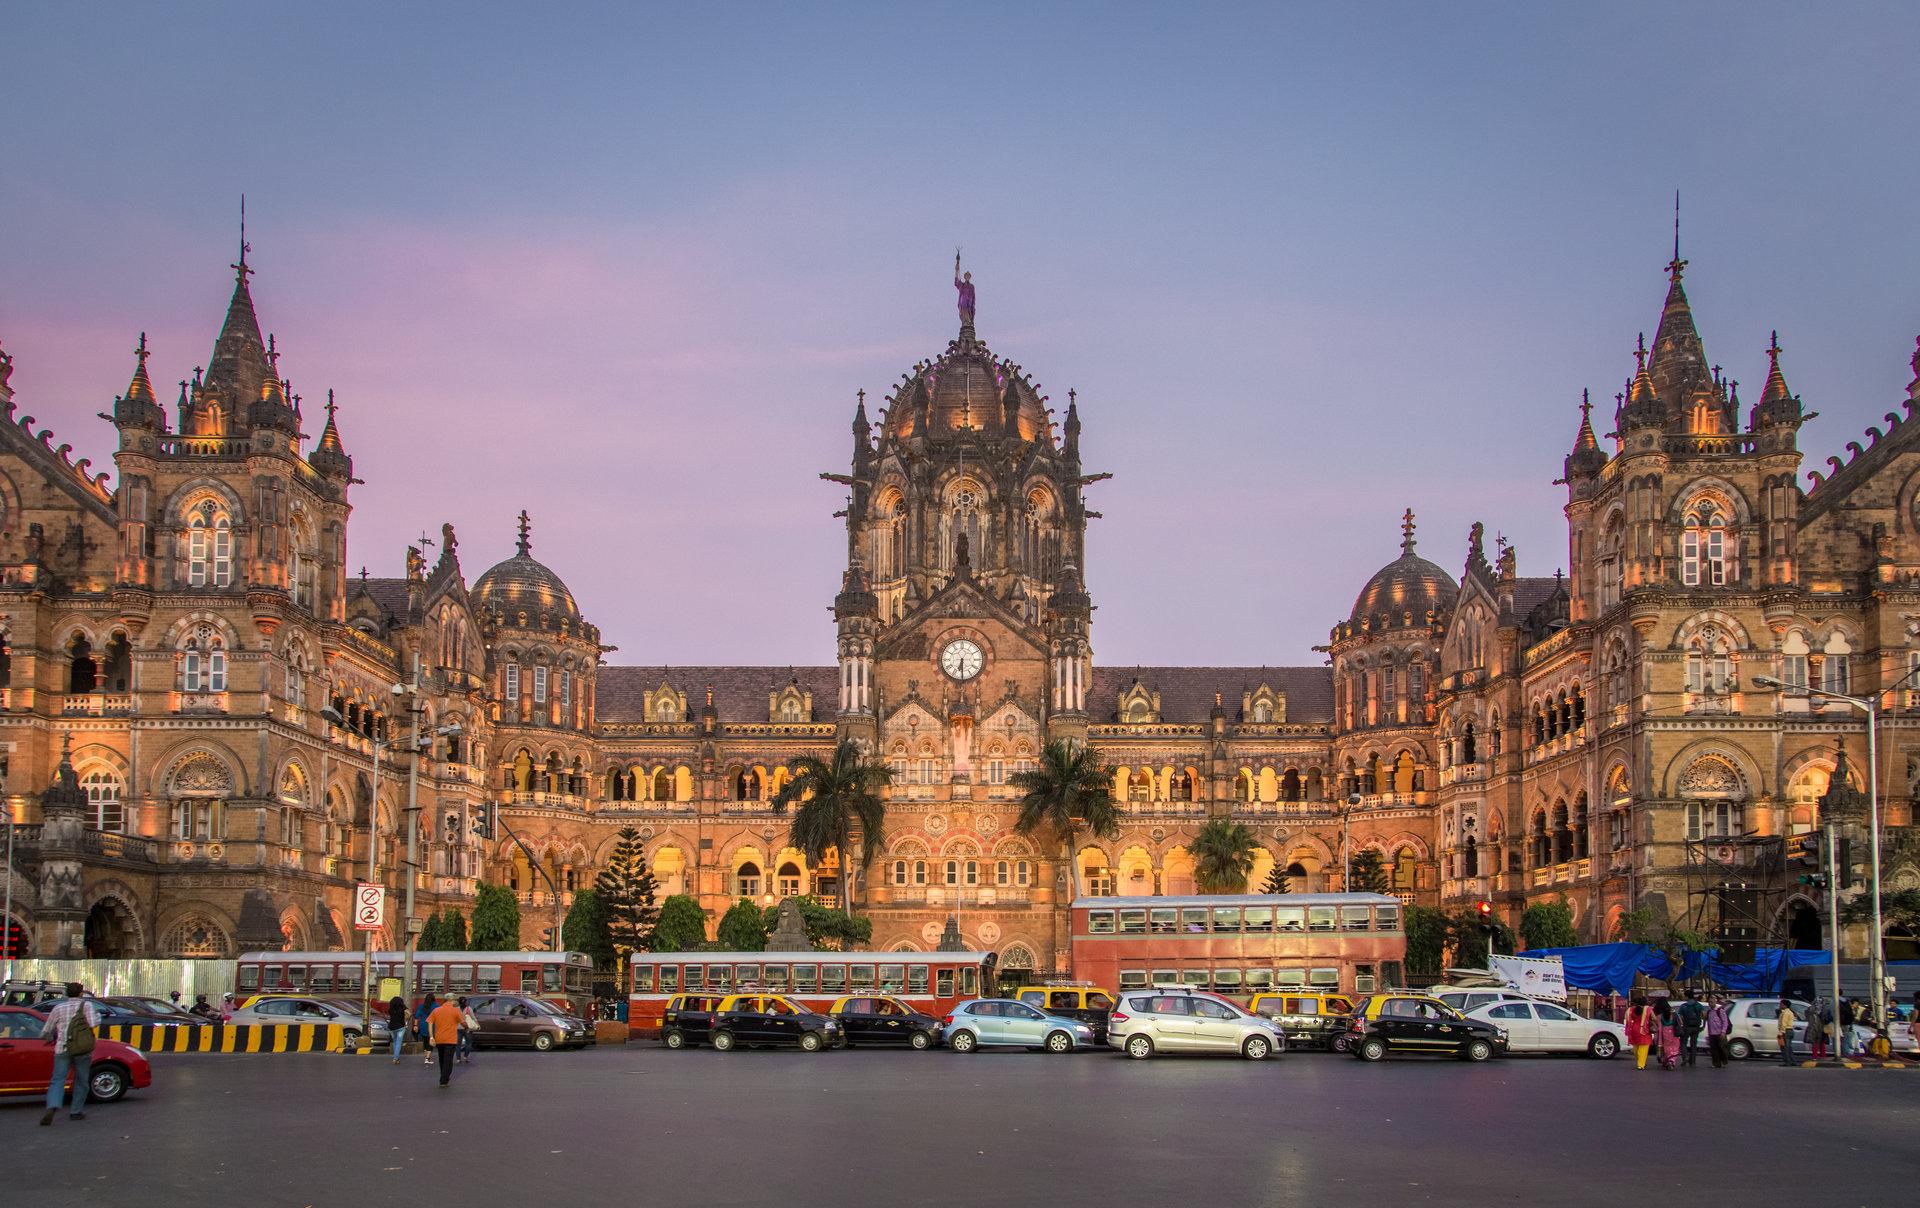 Największe zamówienie dla Alstom na miejski tabor kolejowy w Indiach